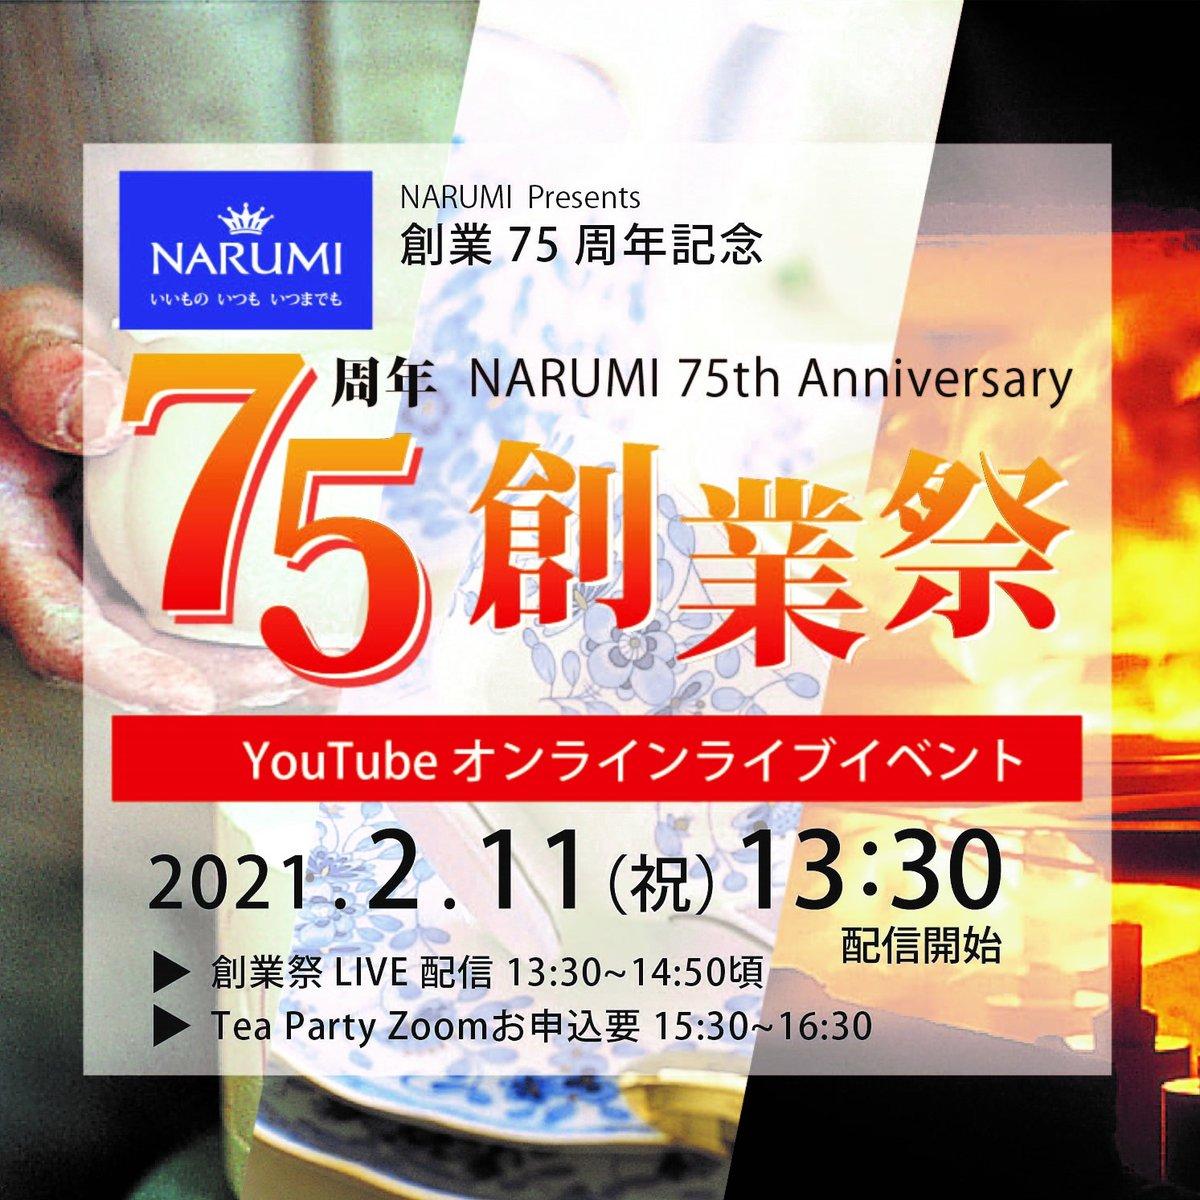 ////////////////////////🍽️NARUMI ☕️75周年創業祭YouTube Live配信決定⚡️2.11(祝)13:30////////////////////////NARUMI工場見学🍽ティアラデザイナーTARO KAMITANI出演👑プレゼント企画🎁Tea Party@Zoom参加者募集中✨お申込みこちら☕️